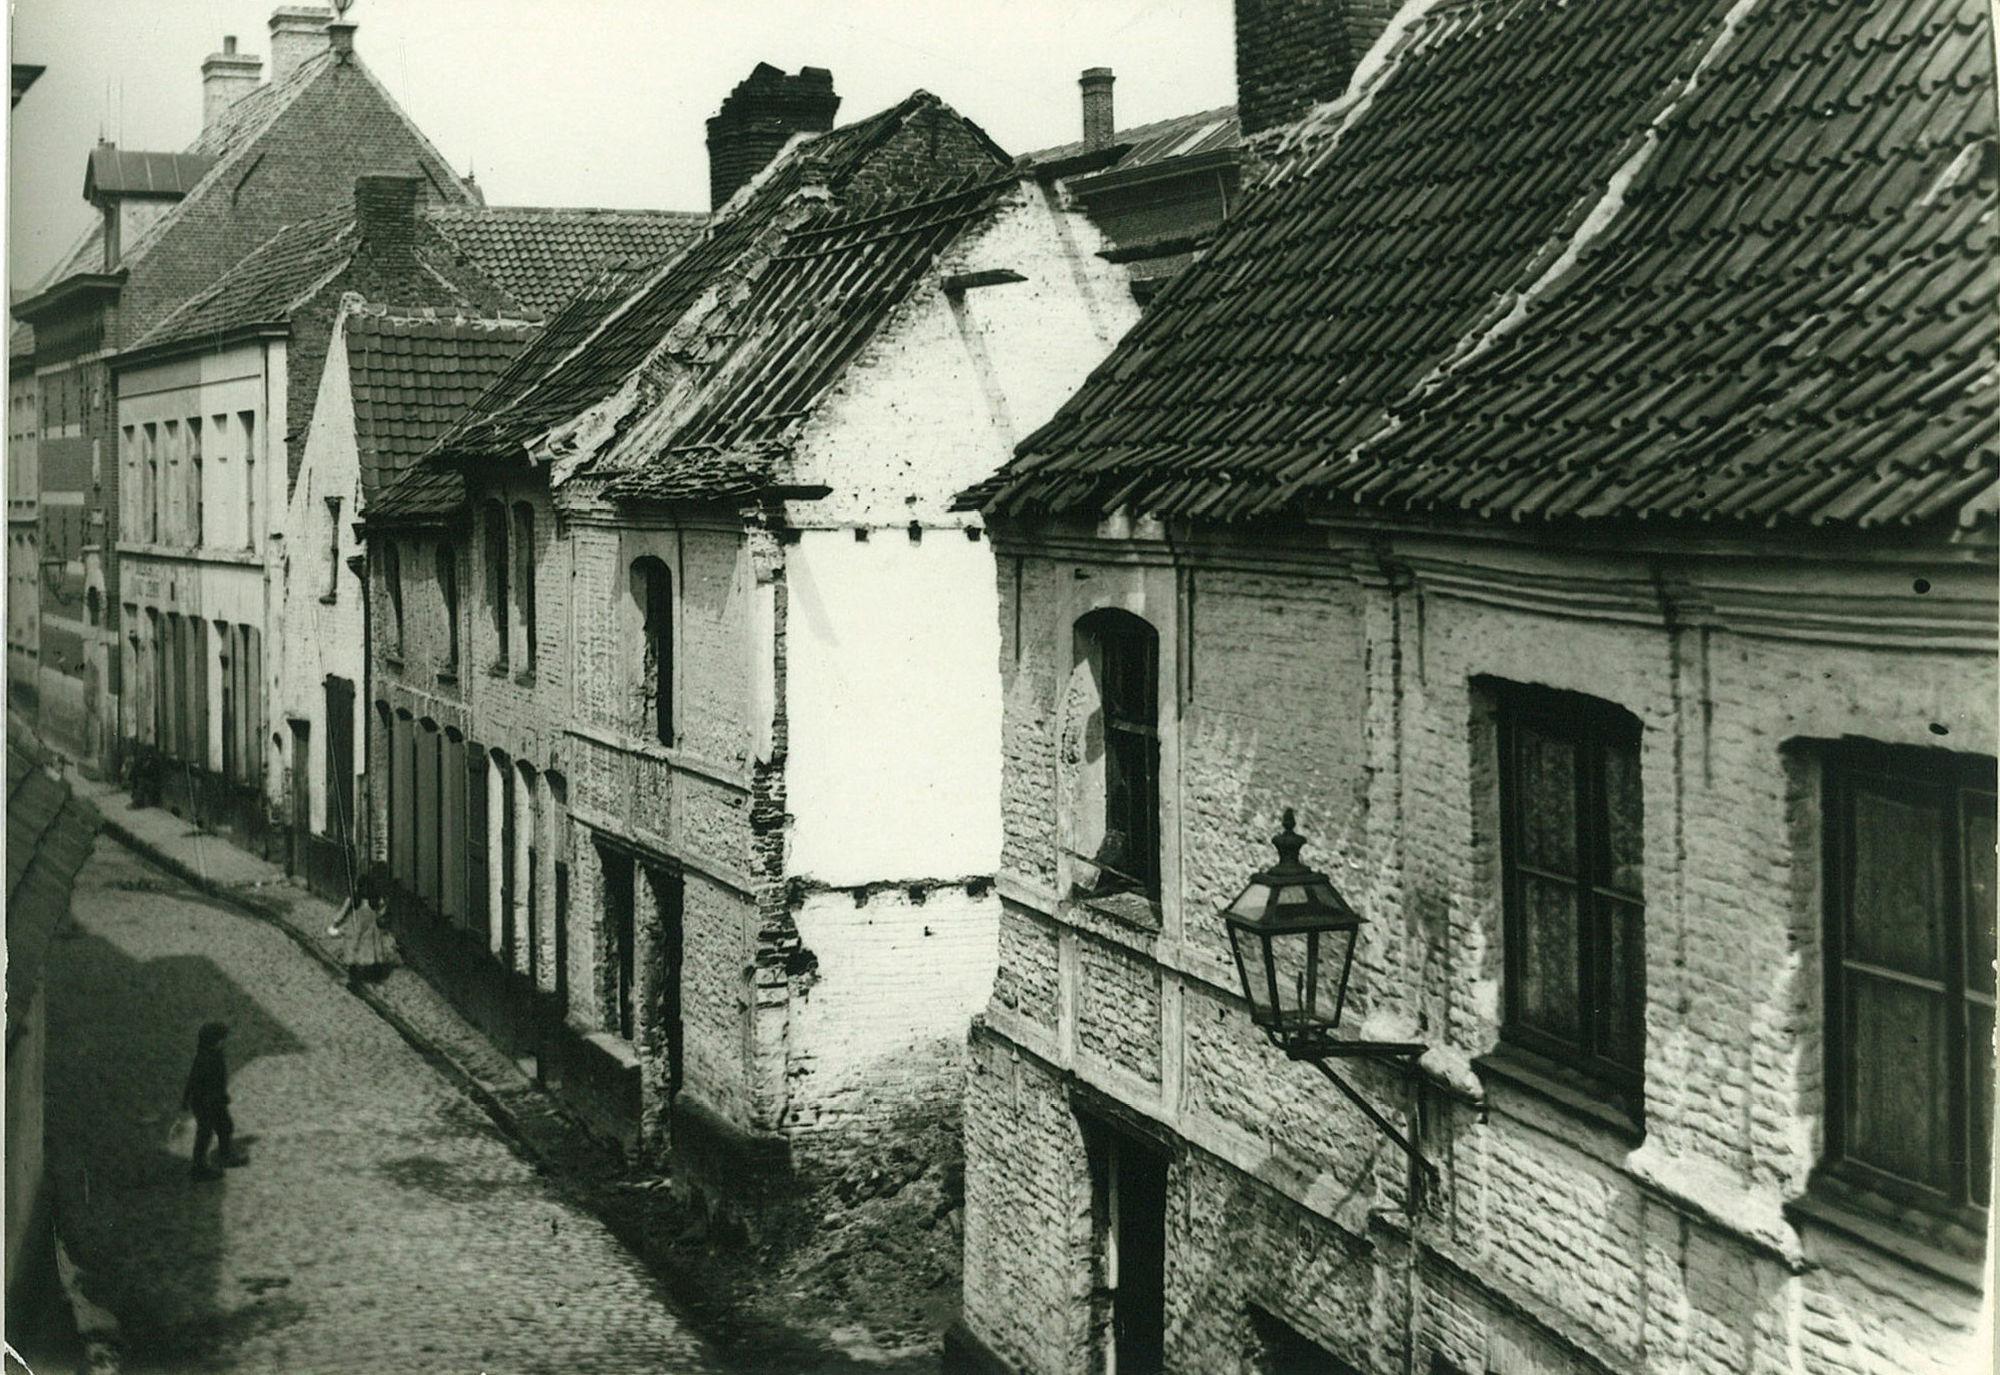 Oude huizen in de Kapelstraat (Overleie)